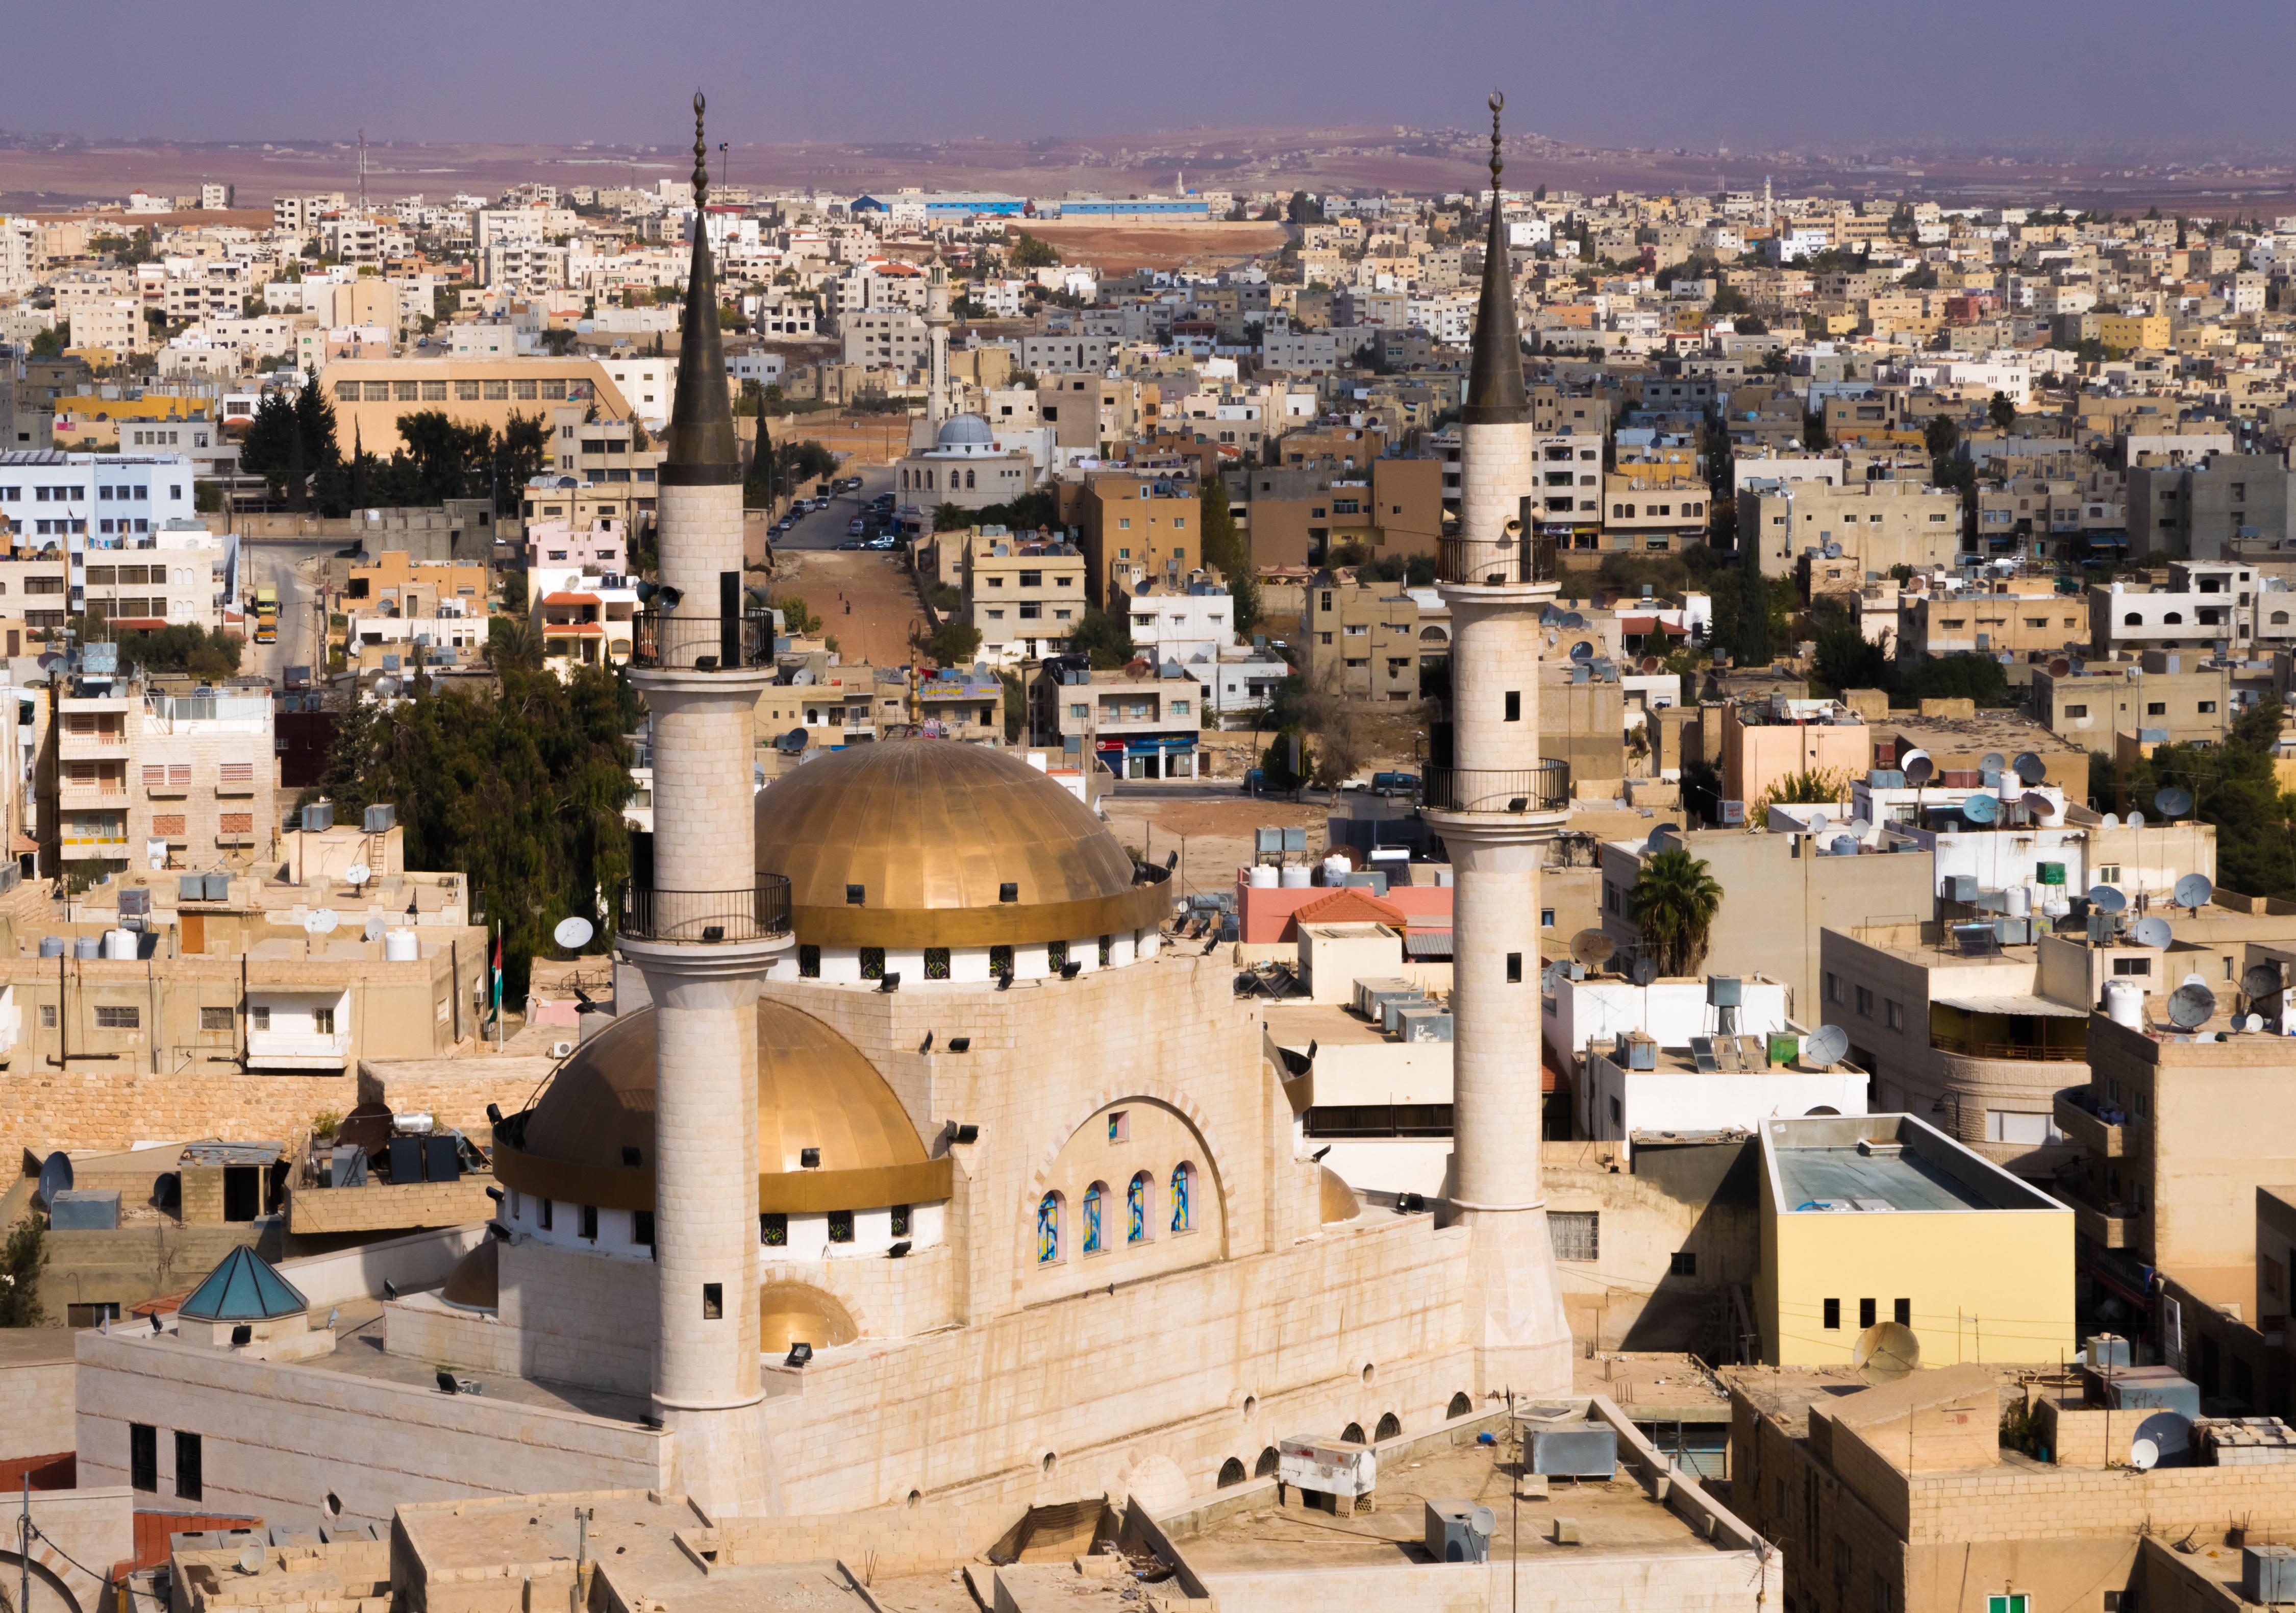 Madaba, la ciudad de los mosaicos - Jordania Circuito Lo mejor de Jordania